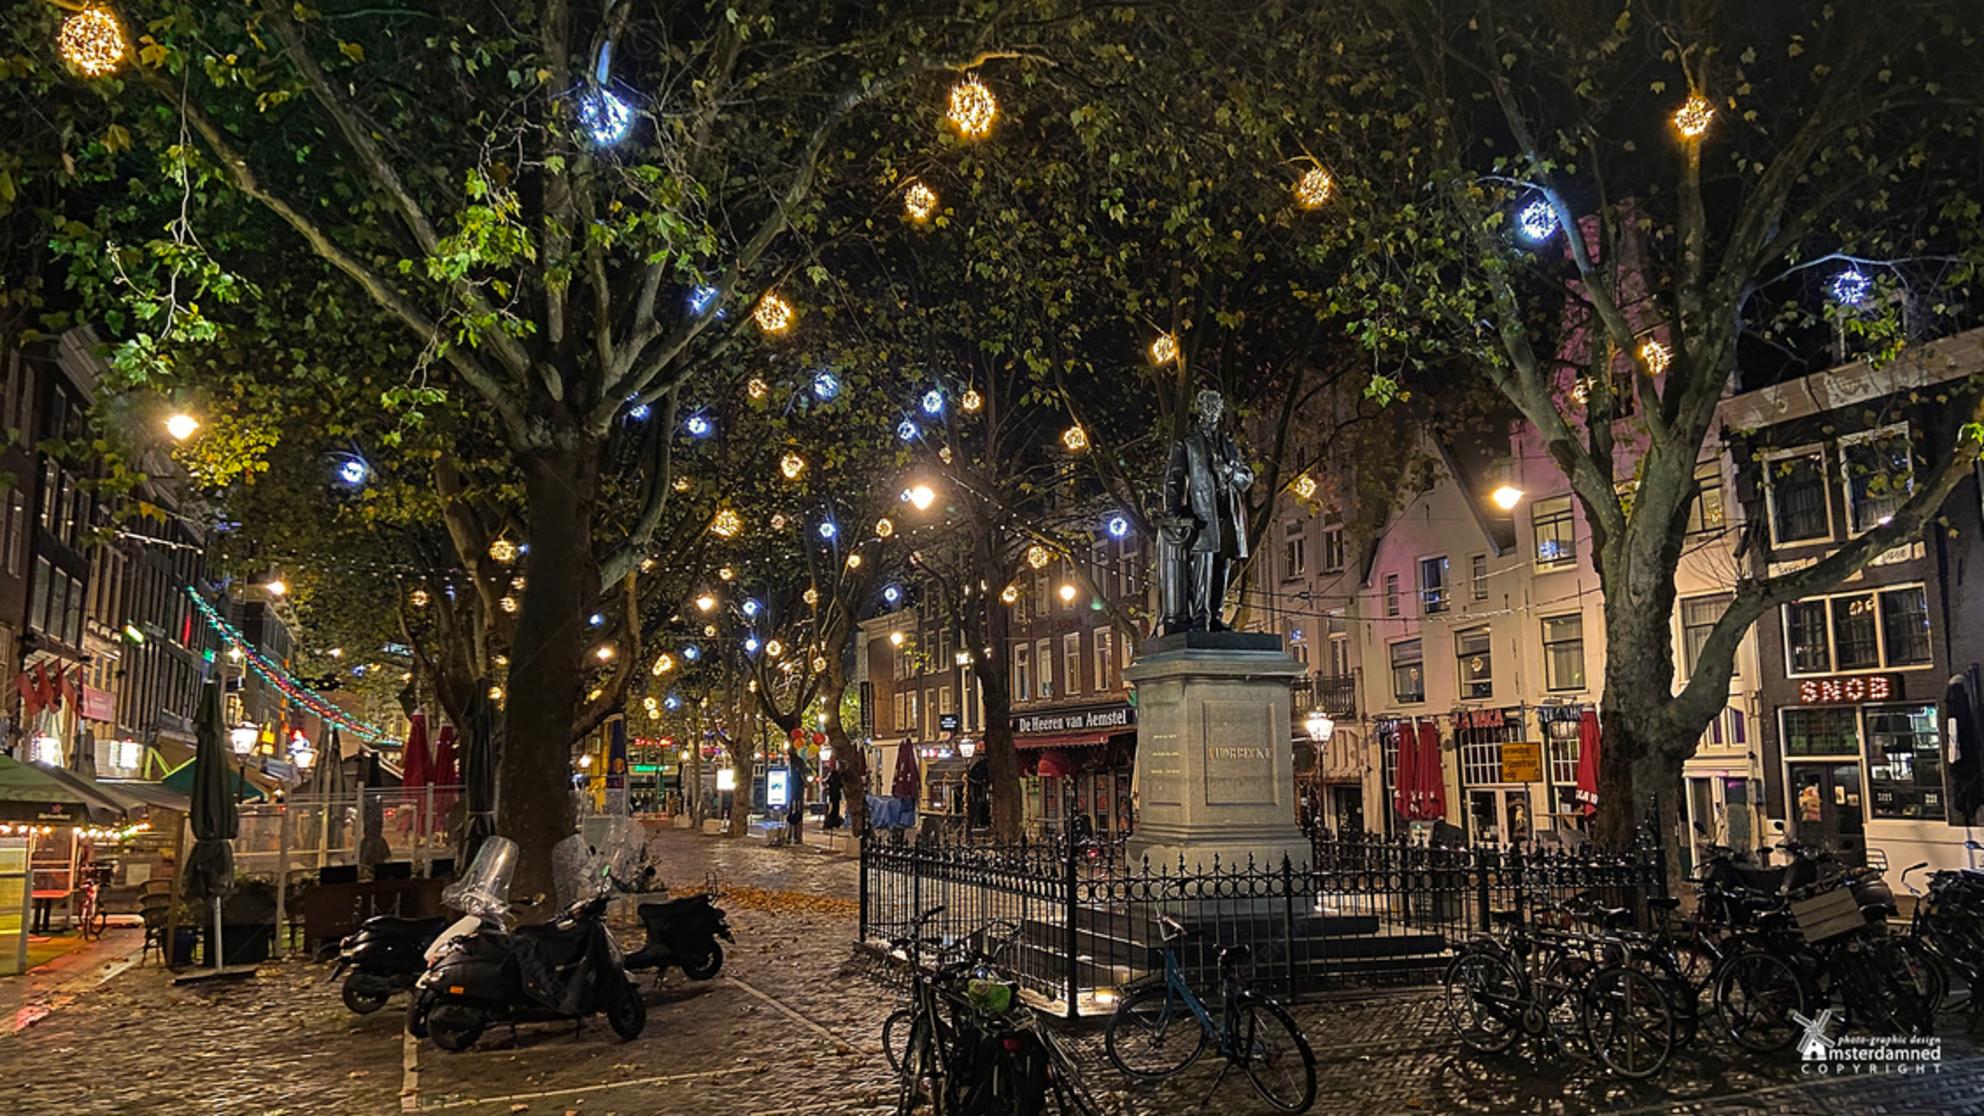 Amsterdam - Het Thorbeckeplein ligt in het centrum van Amsterdam, haaks op het Rembrandtplein en in het verlengde van de Reguliersgracht. Het Thorbeckeplein is o - foto door amsterdamned_zoom op 10-12-2020 - deze foto bevat: amsterdam, standbeeld, holland, nederland, plein, avondfotografie, amsterdamned, bars, Noord Holland, Amsterdam by night, thorbeckeplein, cafe's, ferdinand leenhoff - Deze foto mag gebruikt worden in een Zoom.nl publicatie